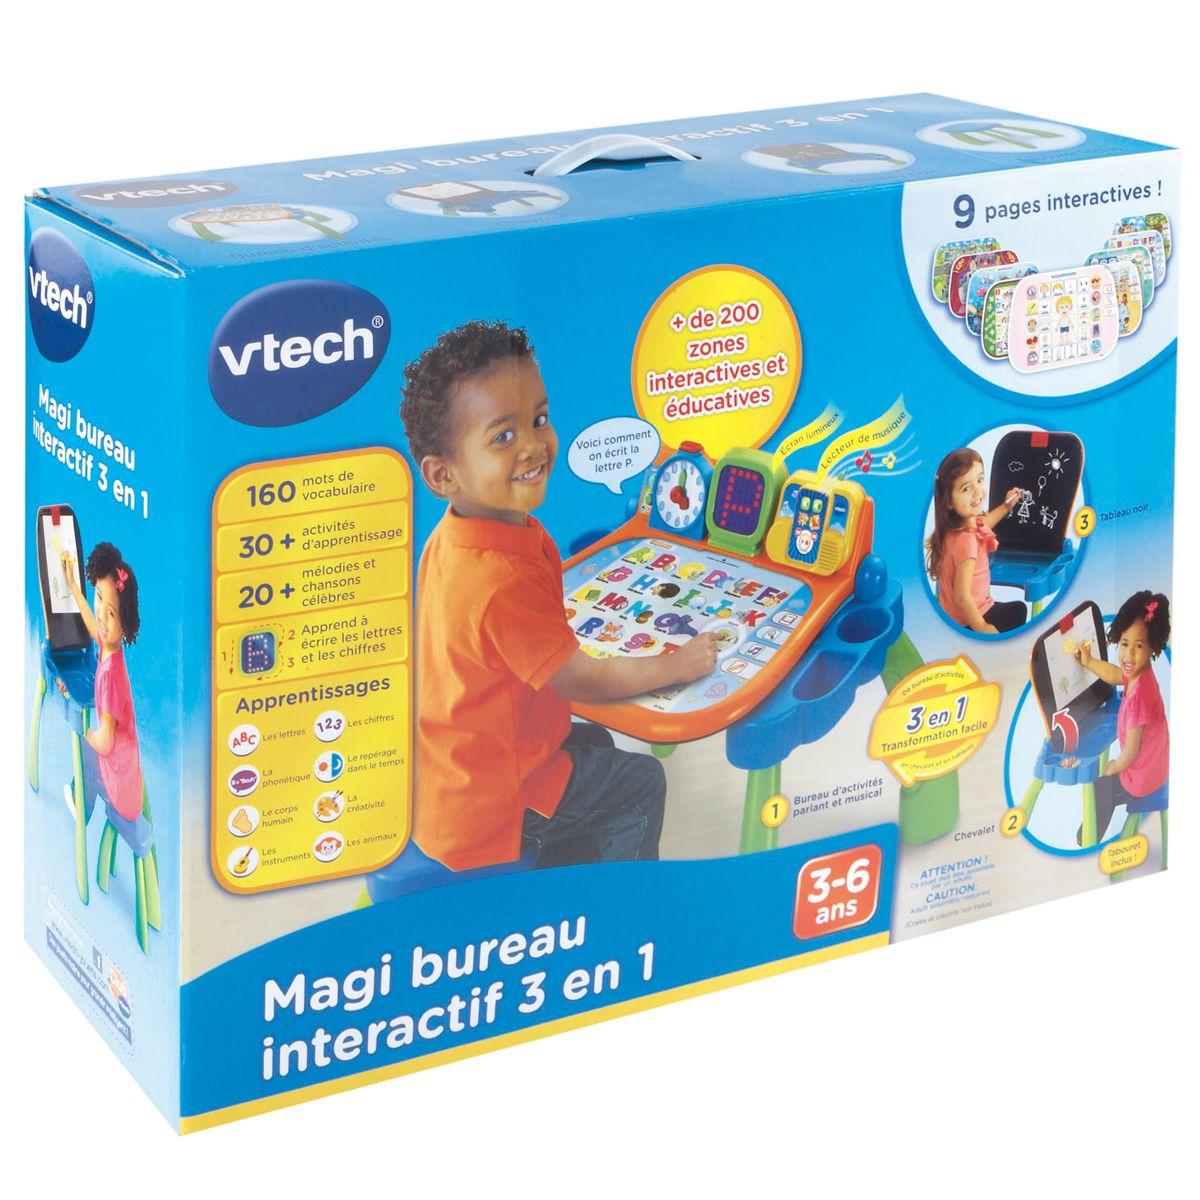 Magi Bureau Interactif 3 En 1 - Jeux Éducatifs Électroniques avec Jeu Interactif 3 Ans